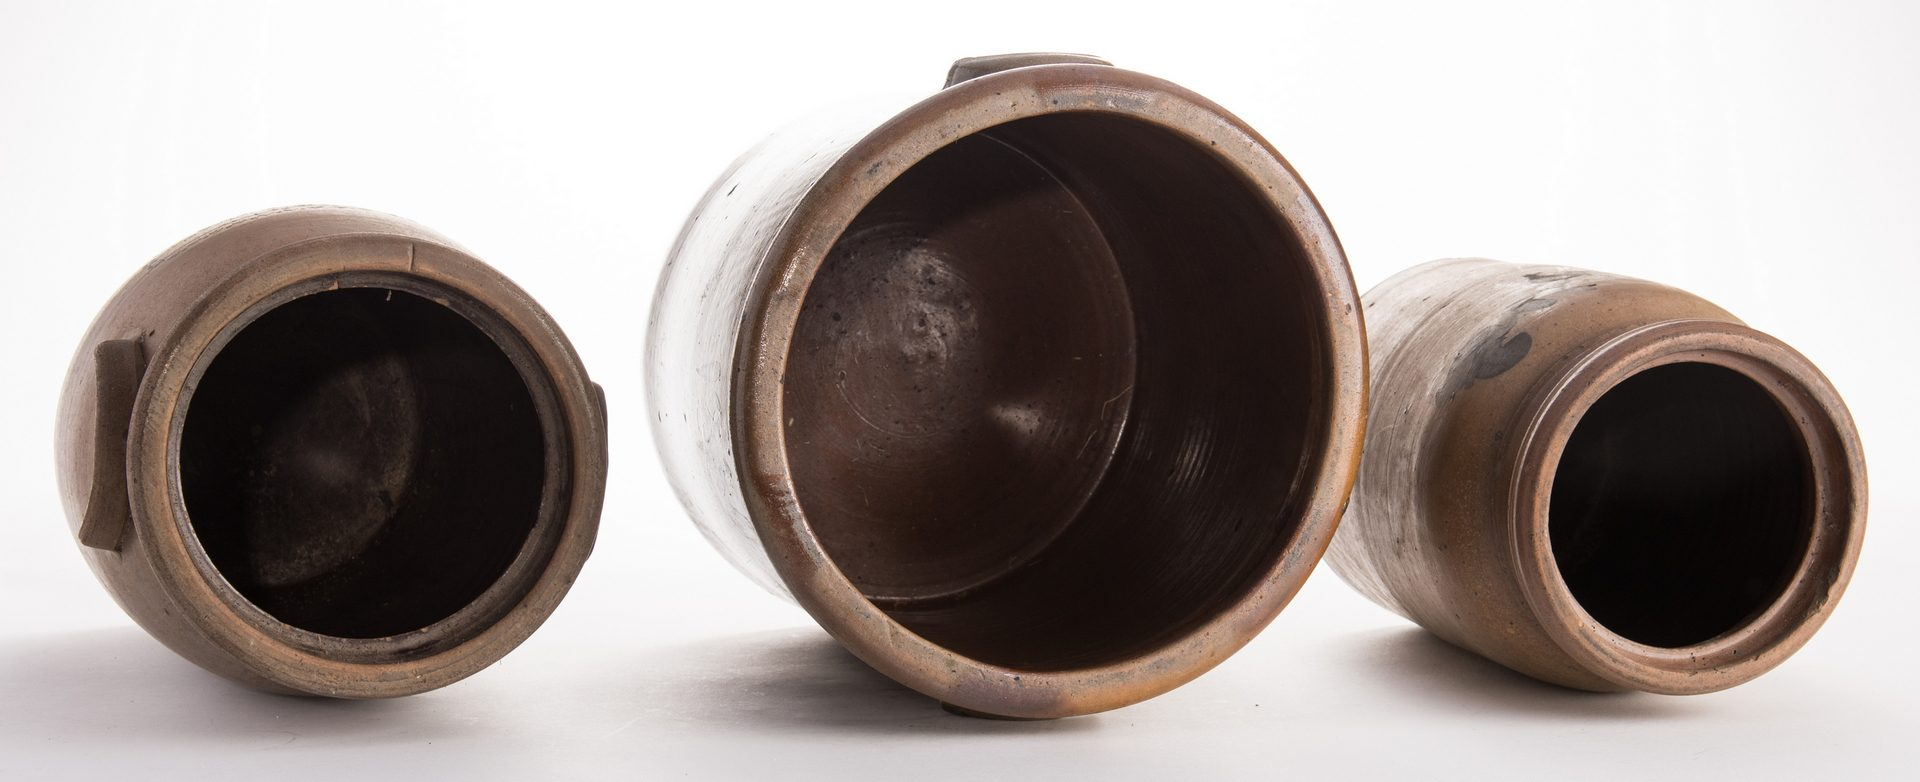 Lot 195: 3 Southern Stoneware Crocks w/Cobalt